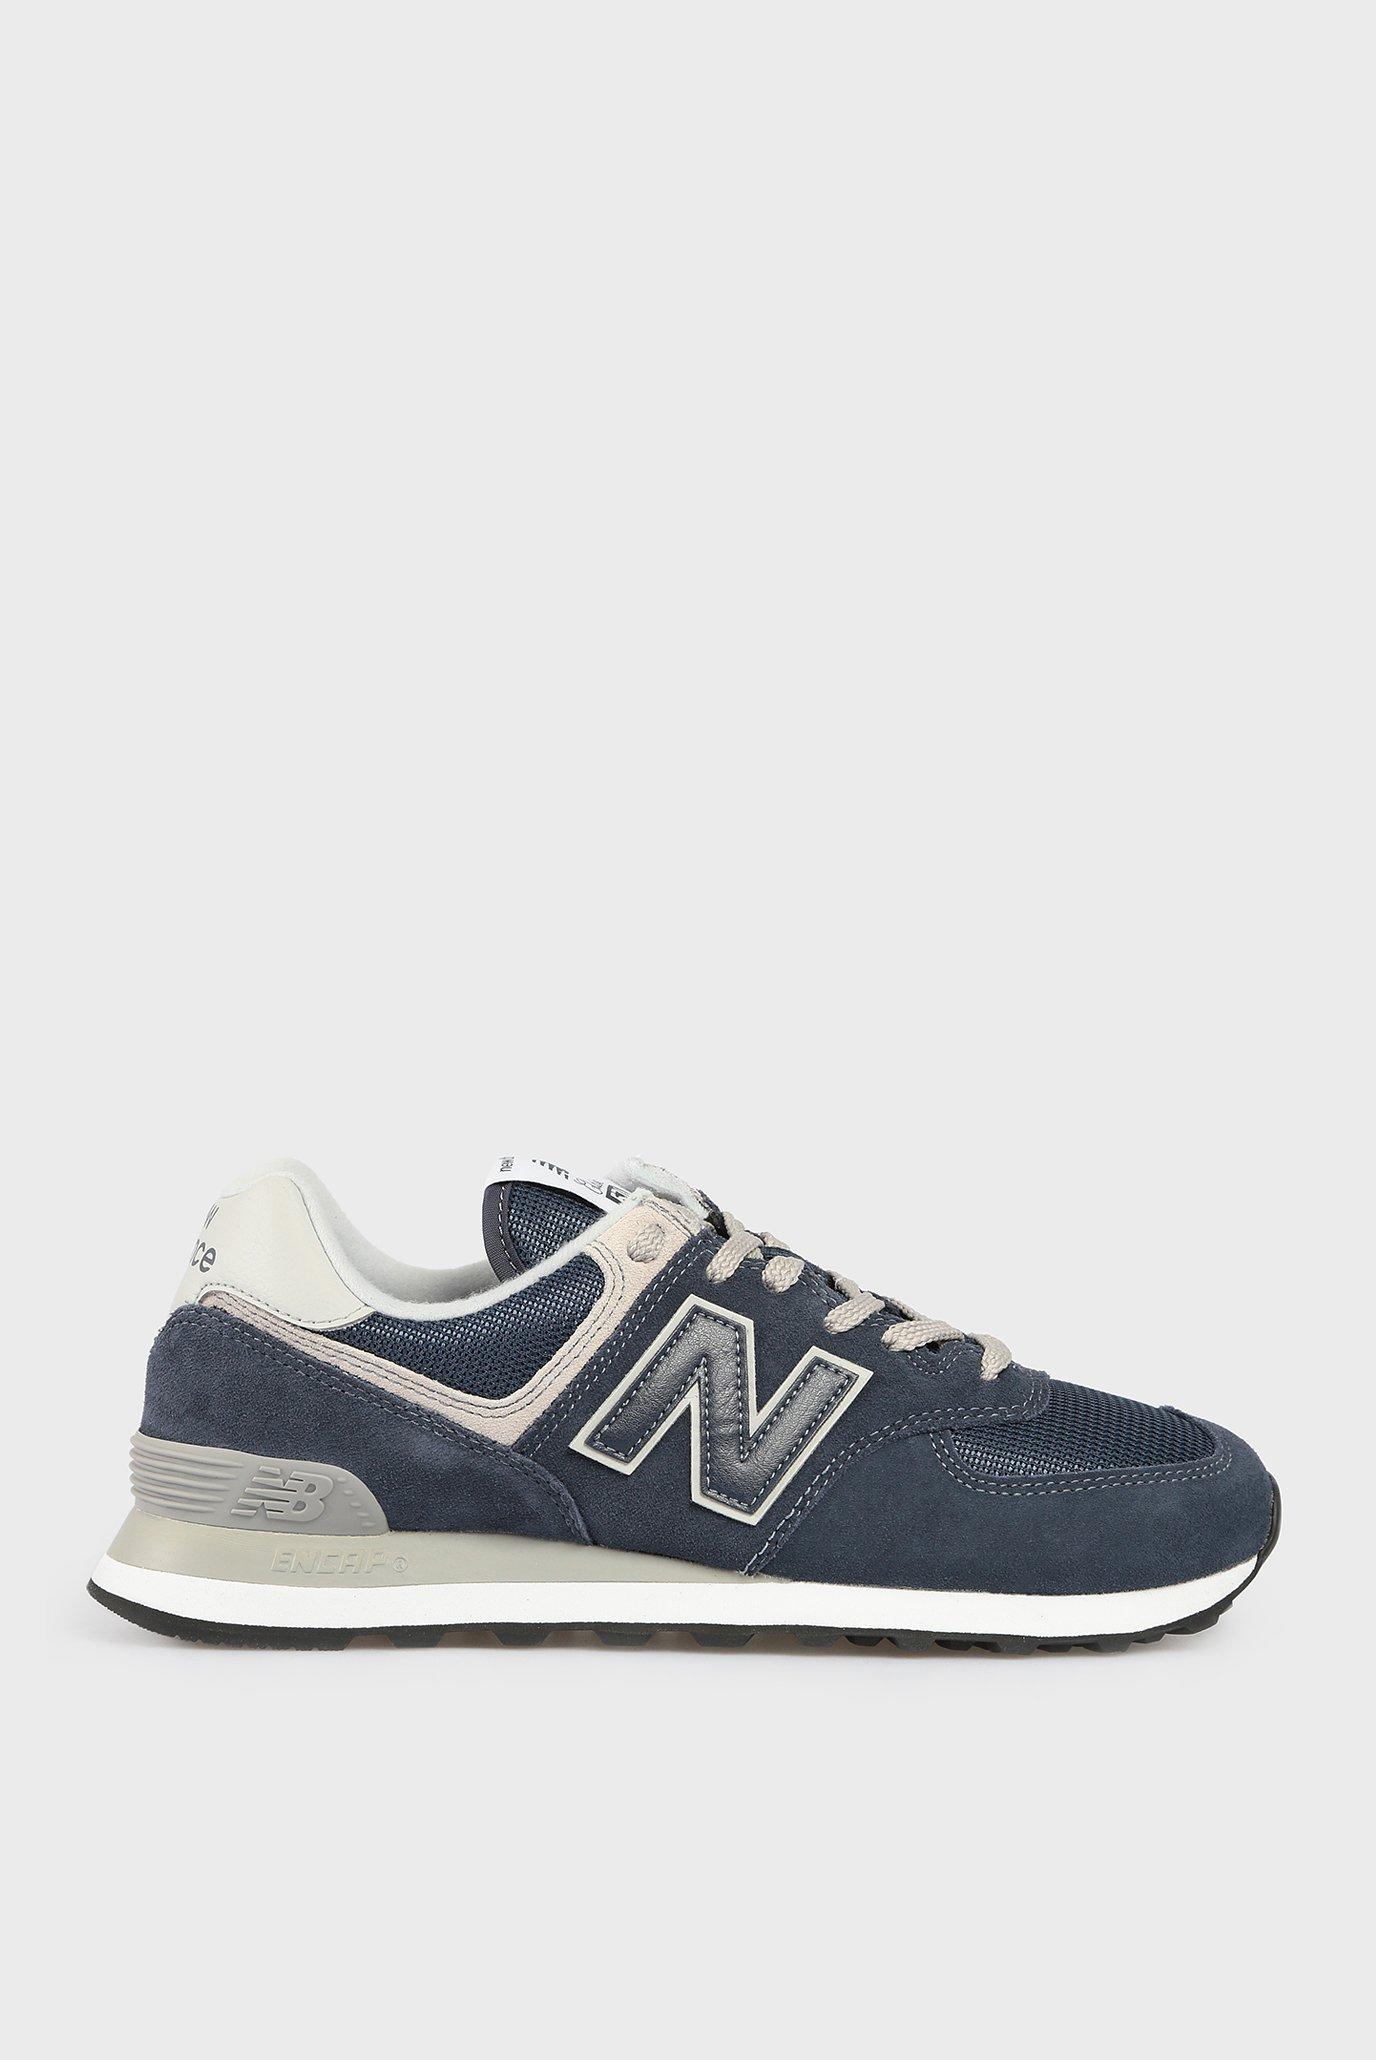 Купить Мужские темно-синие замшевые кроссовки 574 New Balance New Balance  ML574EGN – Киев 5d20d42ac8440